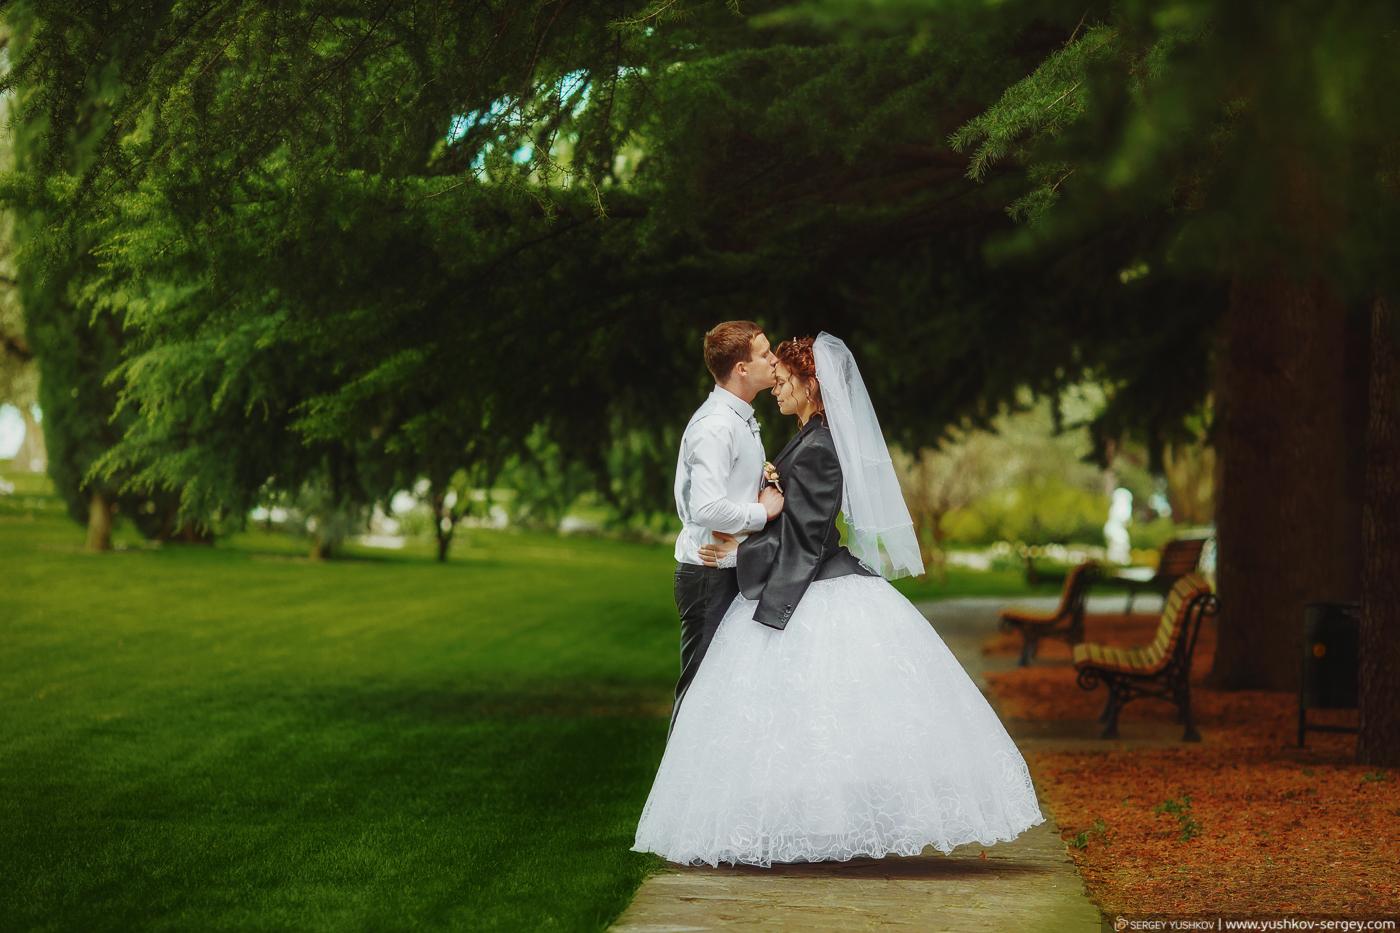 Фотосессия Свадьба для двоих в Крыму. Наташа и Евгений